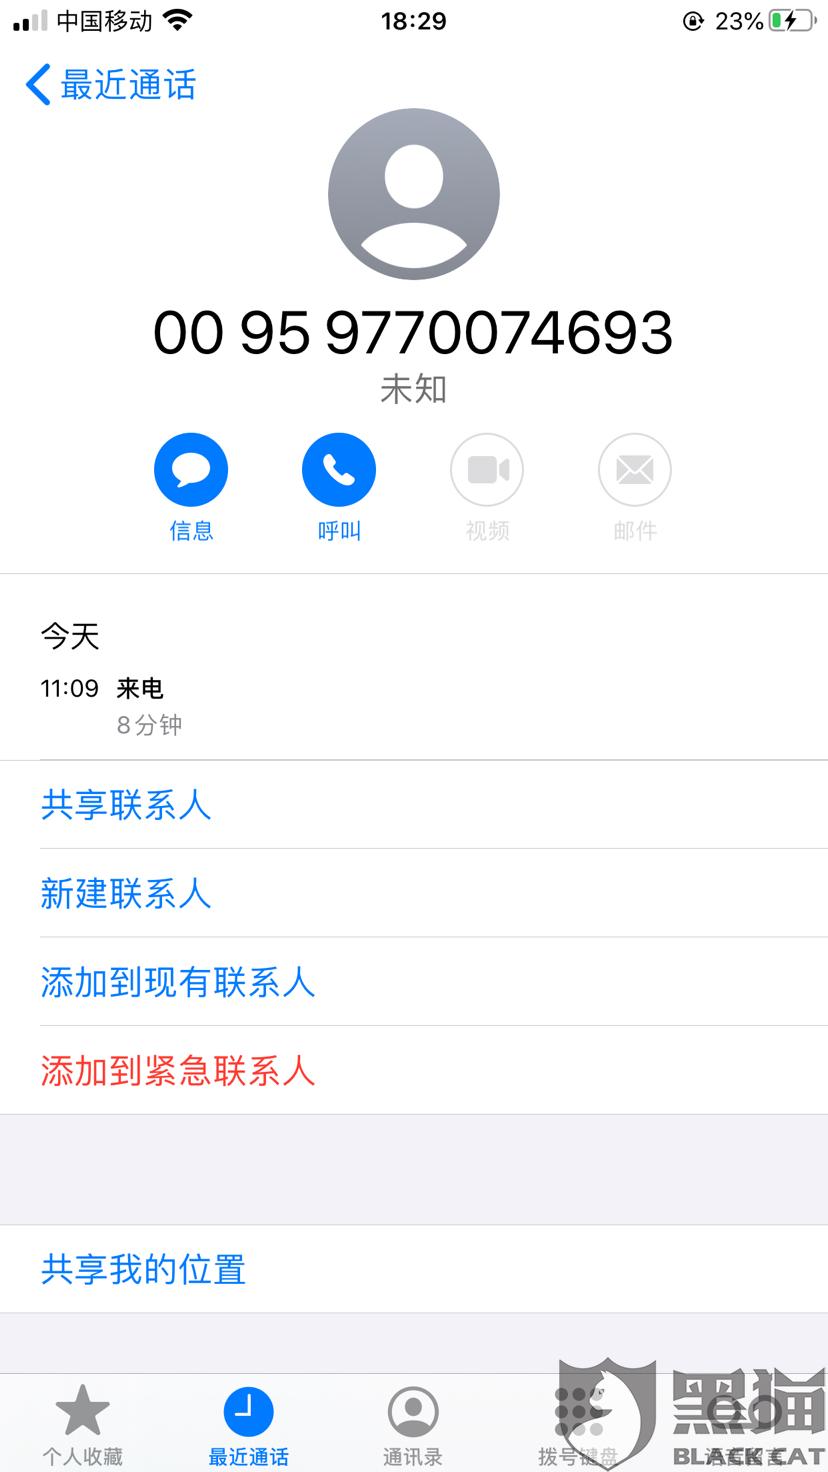 黑猫投诉:Clinique倩碧天猫旗舰店泄露我的信息 请严查!